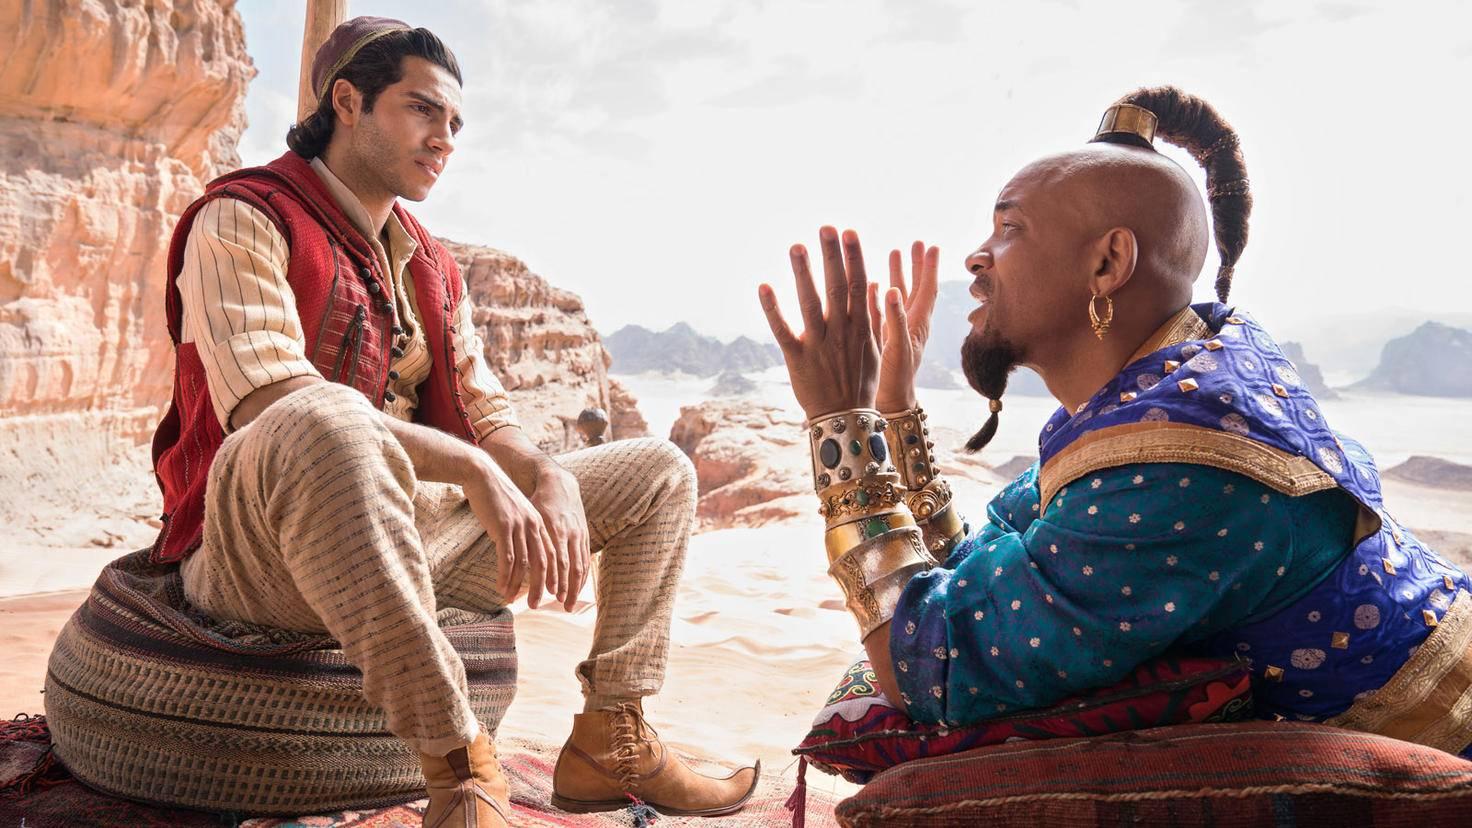 Aladdin und der Dschinni hängen ab.